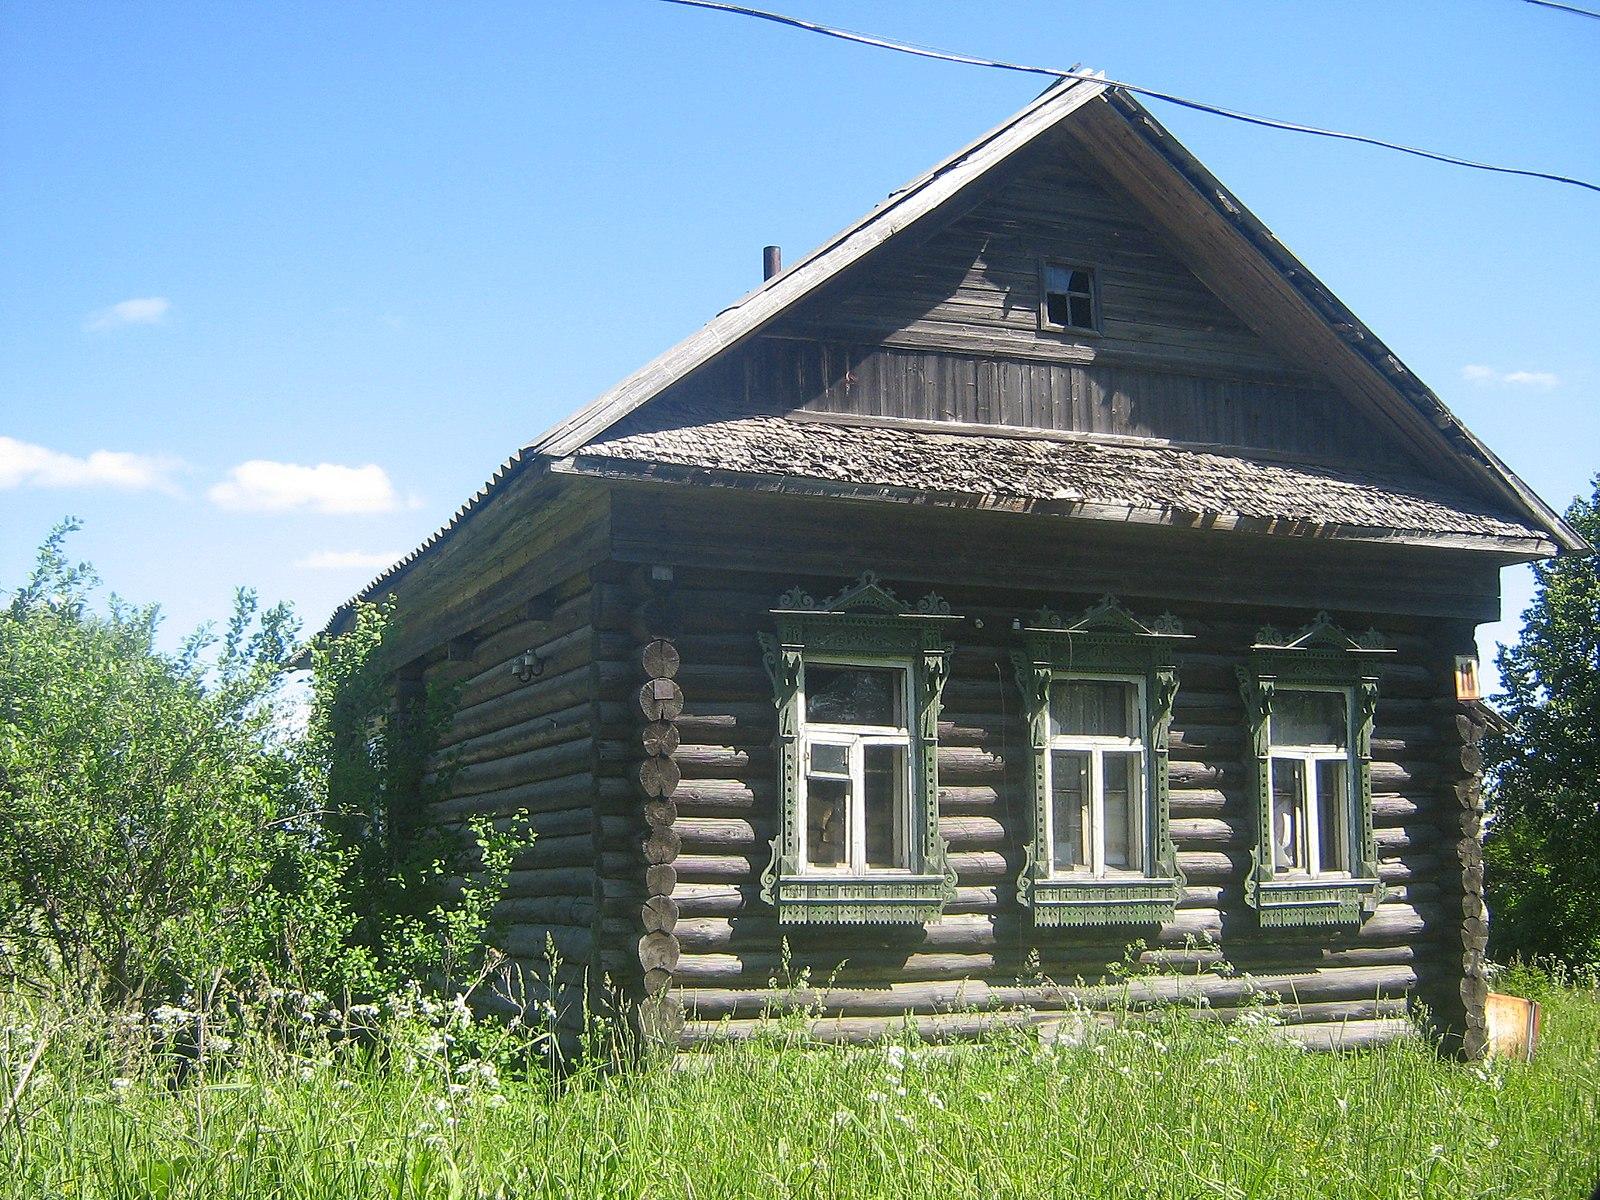 Izbá en Kushálino, óblast de Tver. Imagen: Лесной Волкen Wikipedia rusa.